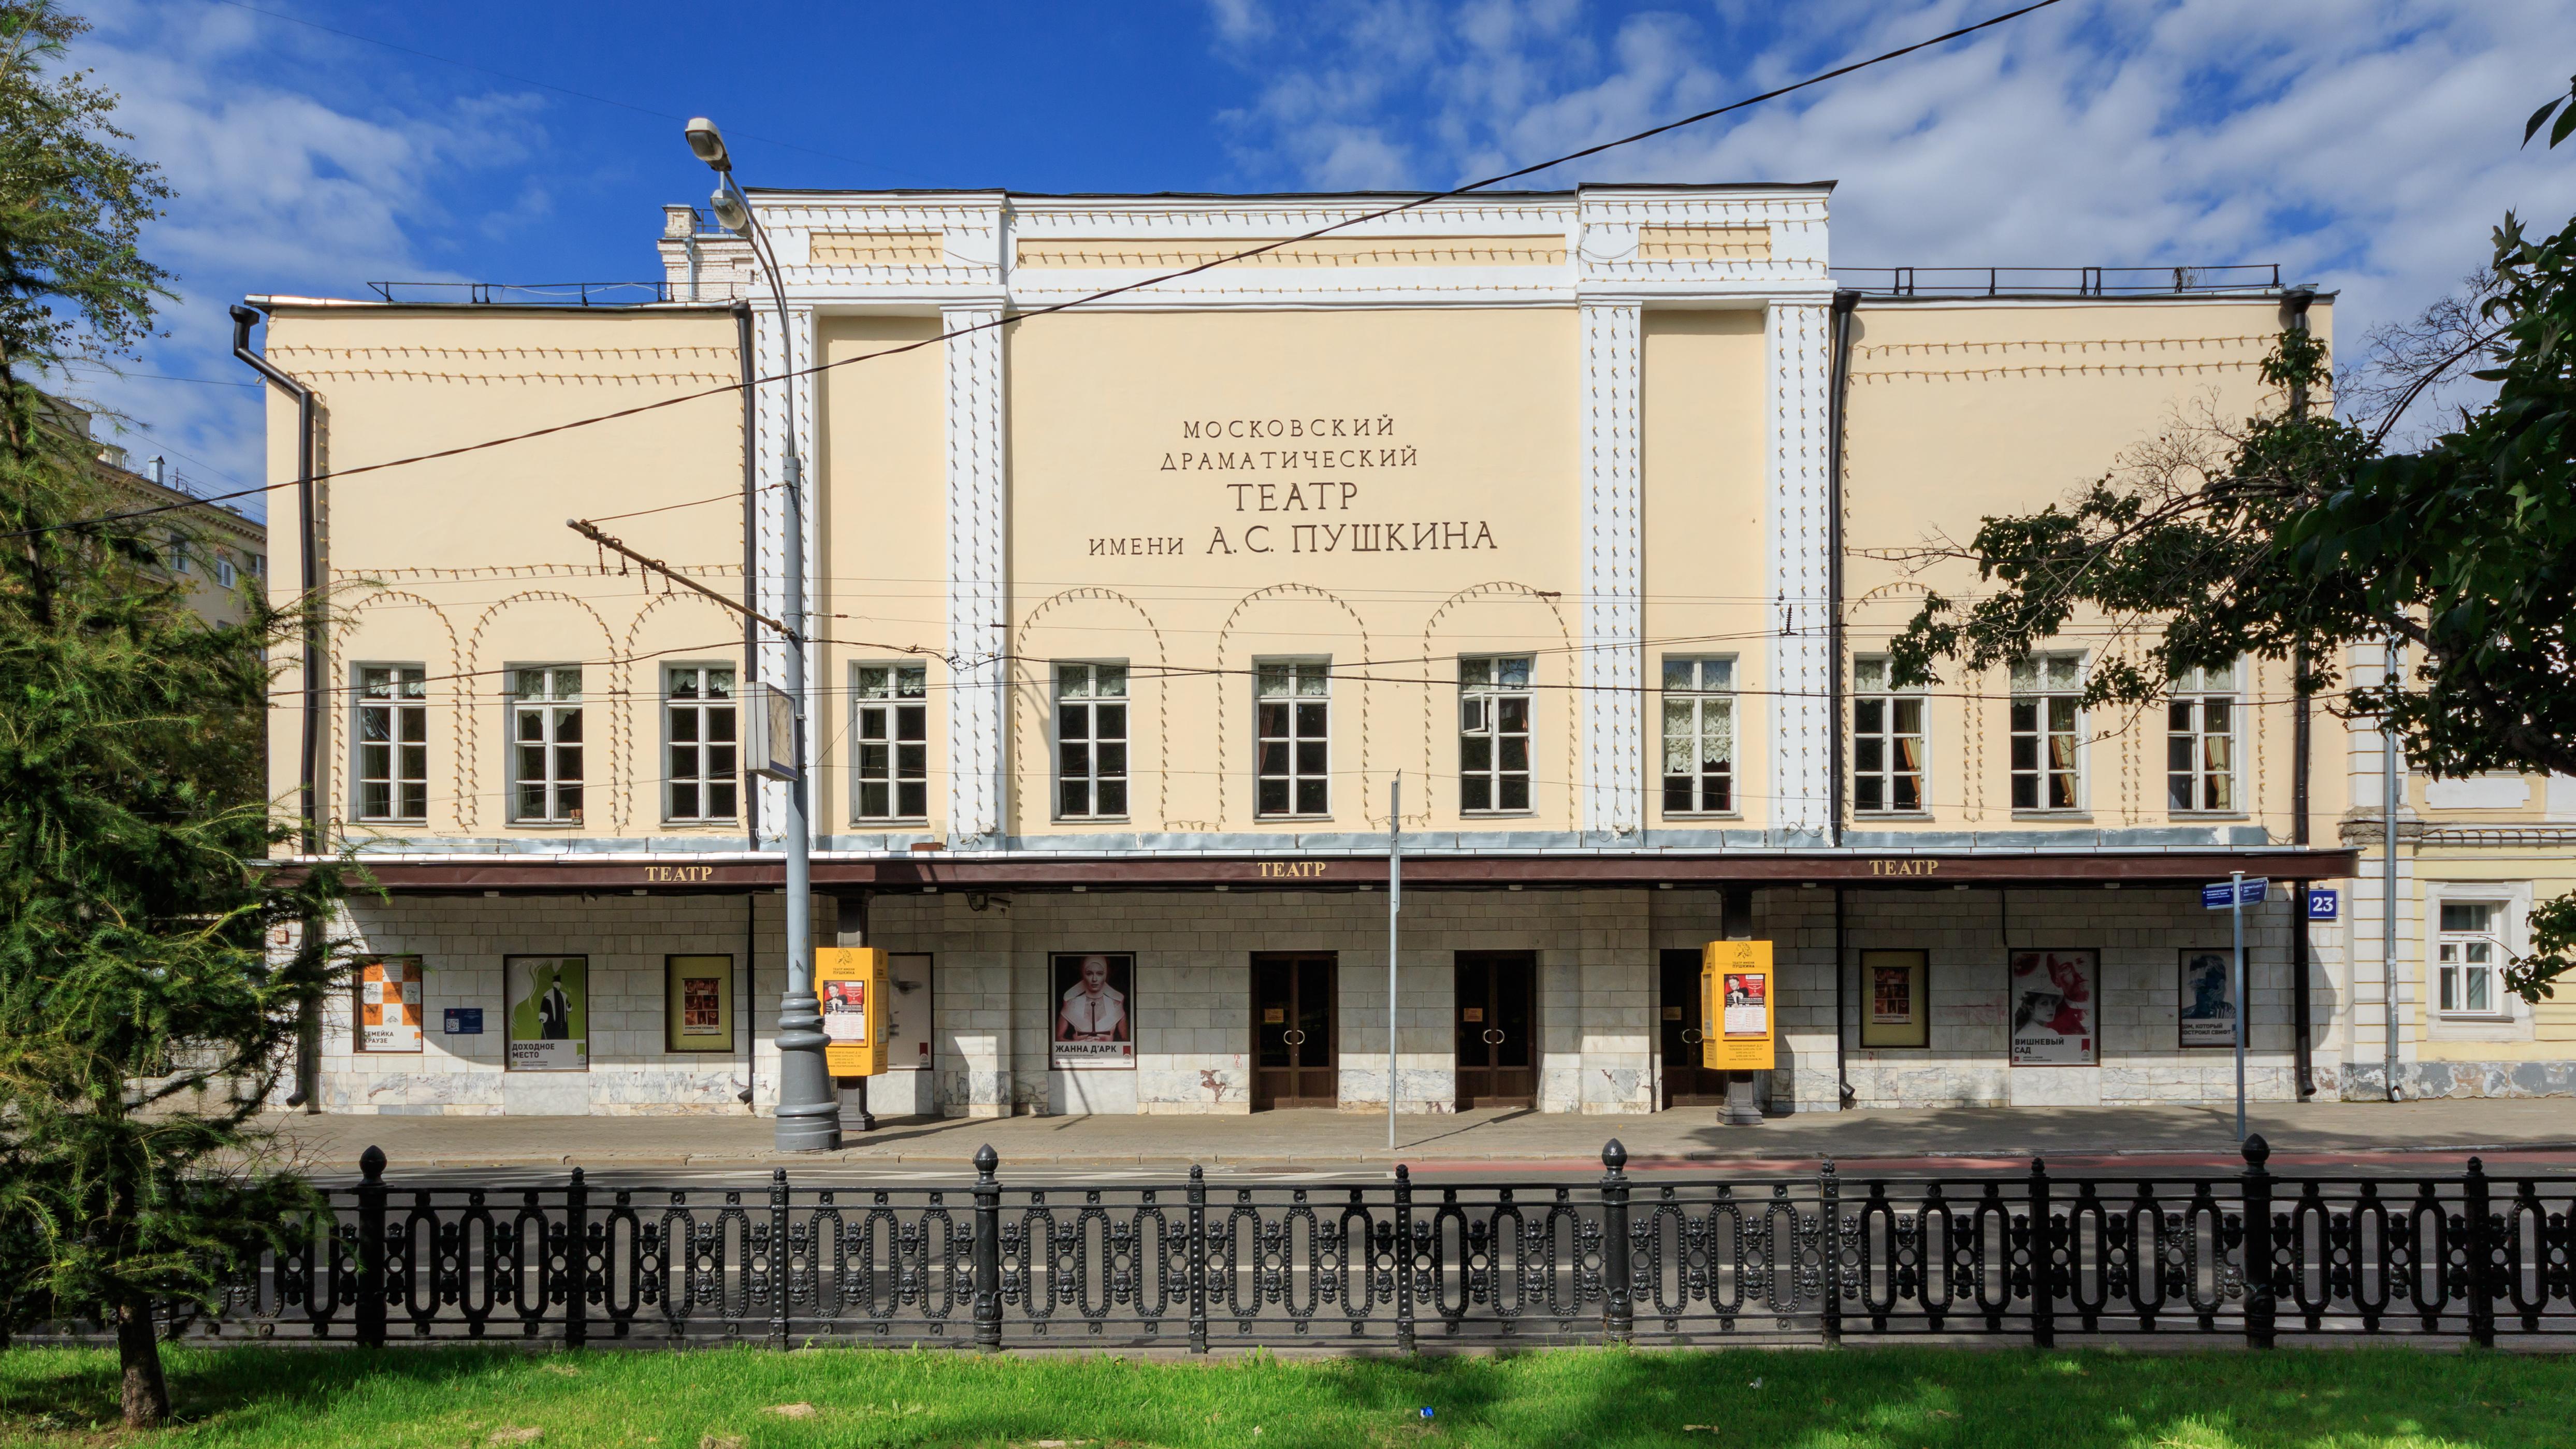 Интерактивная пешая прогулка «Театральный бульвар» — истории Тверского бульвара и окрестностей